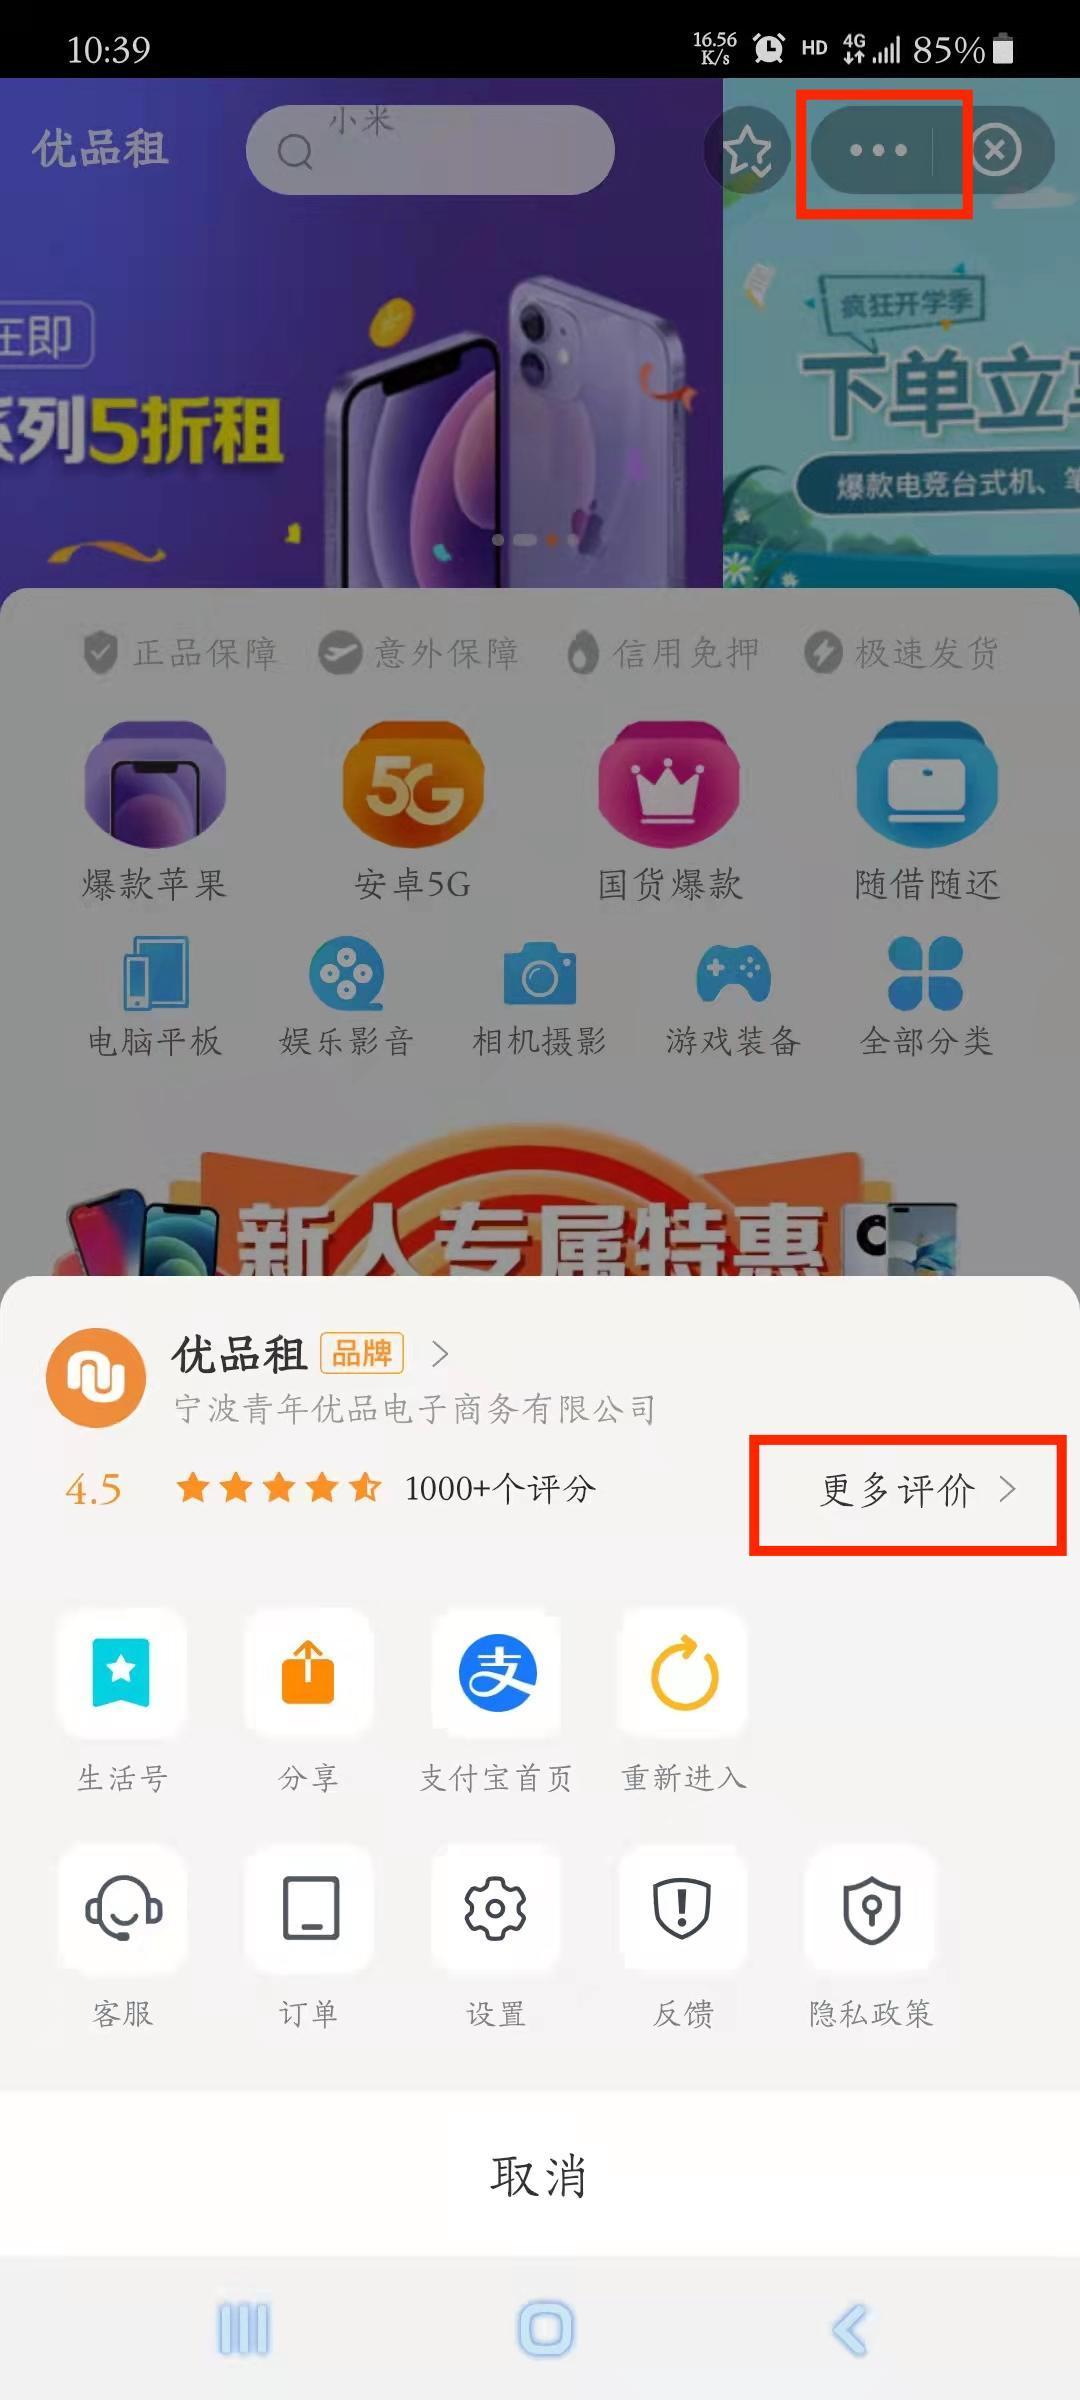 【网络兼职小任务】优品租小程序评论任务-青团社